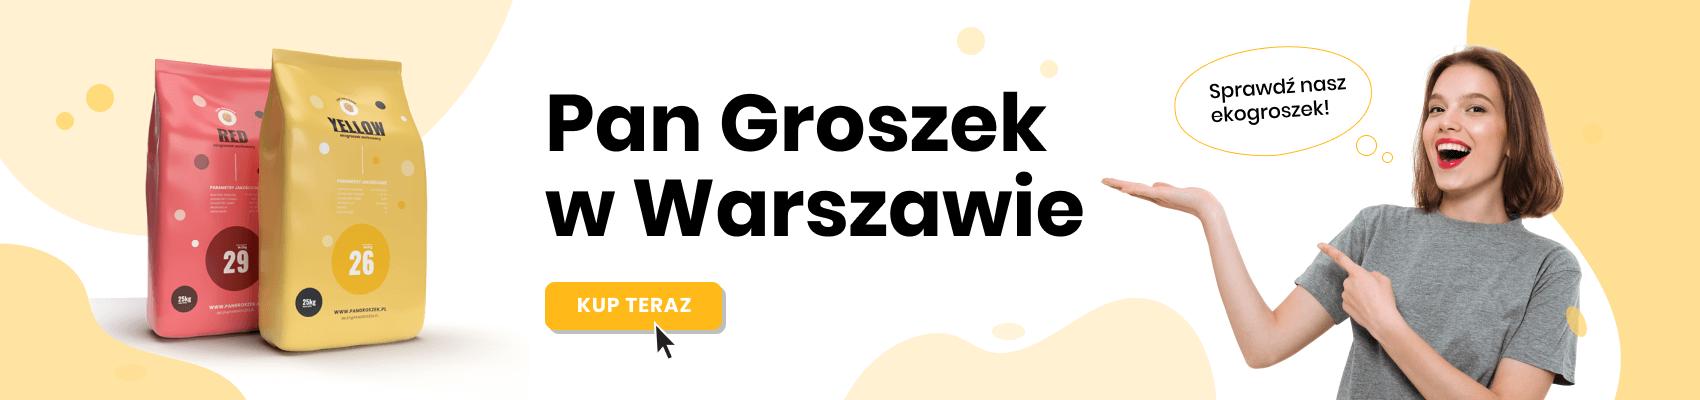 Ekogroszek workowany - Warszawa